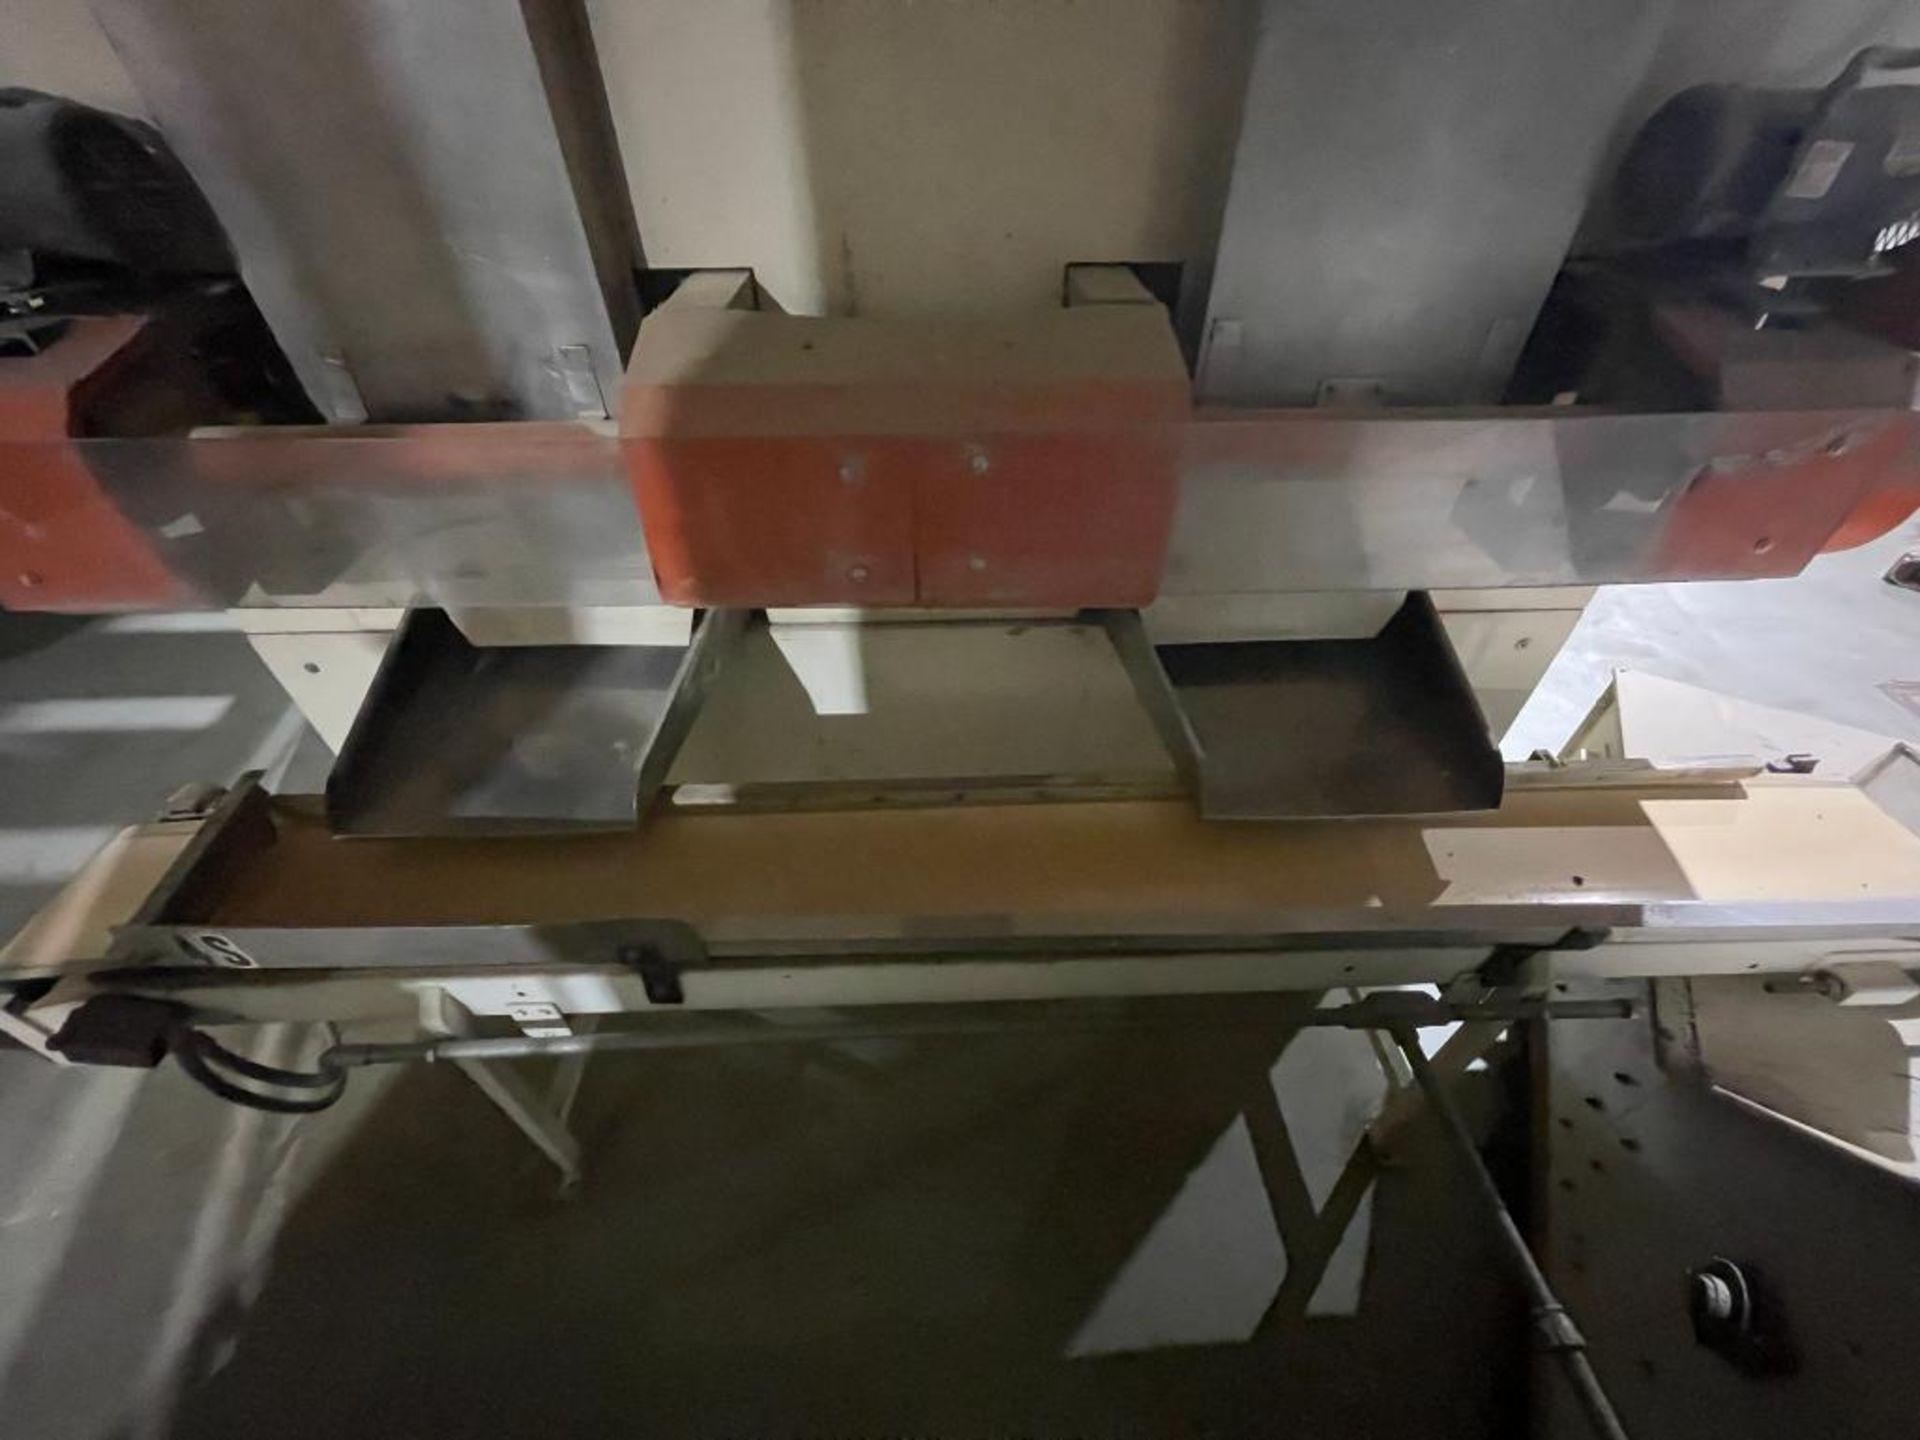 mild steel belt conveyor - Image 10 of 16